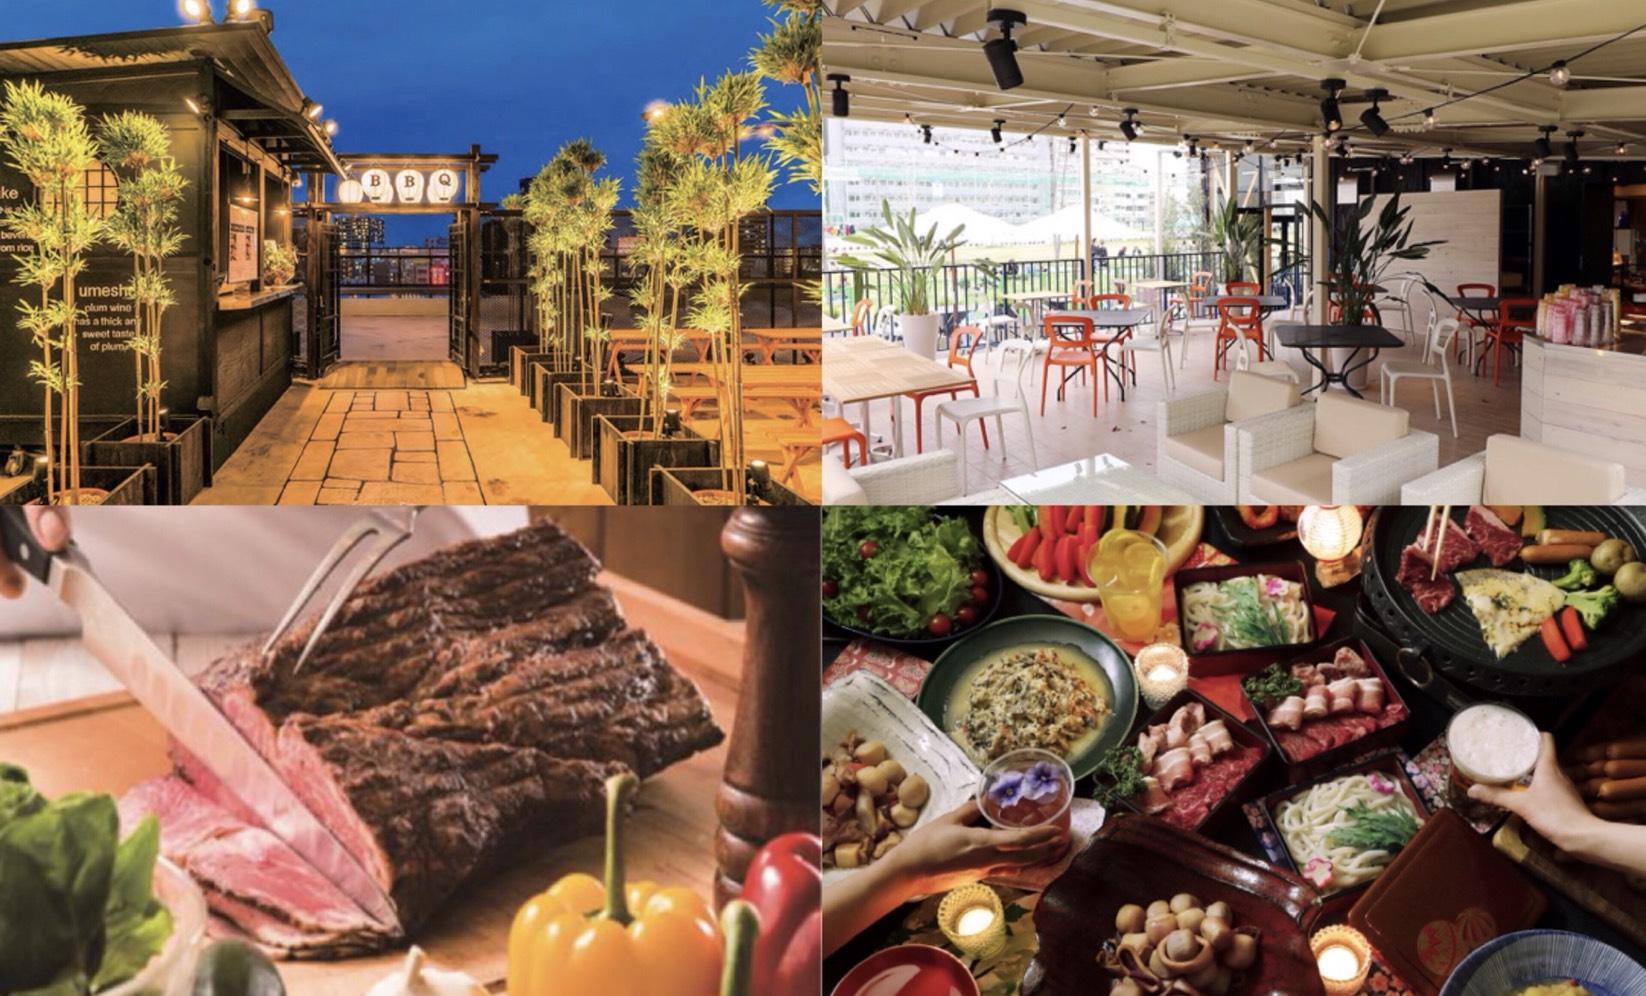 於關西舉辦的超推BBQ&露天酒吧2018統整 在京都、在大阪、露天酒、